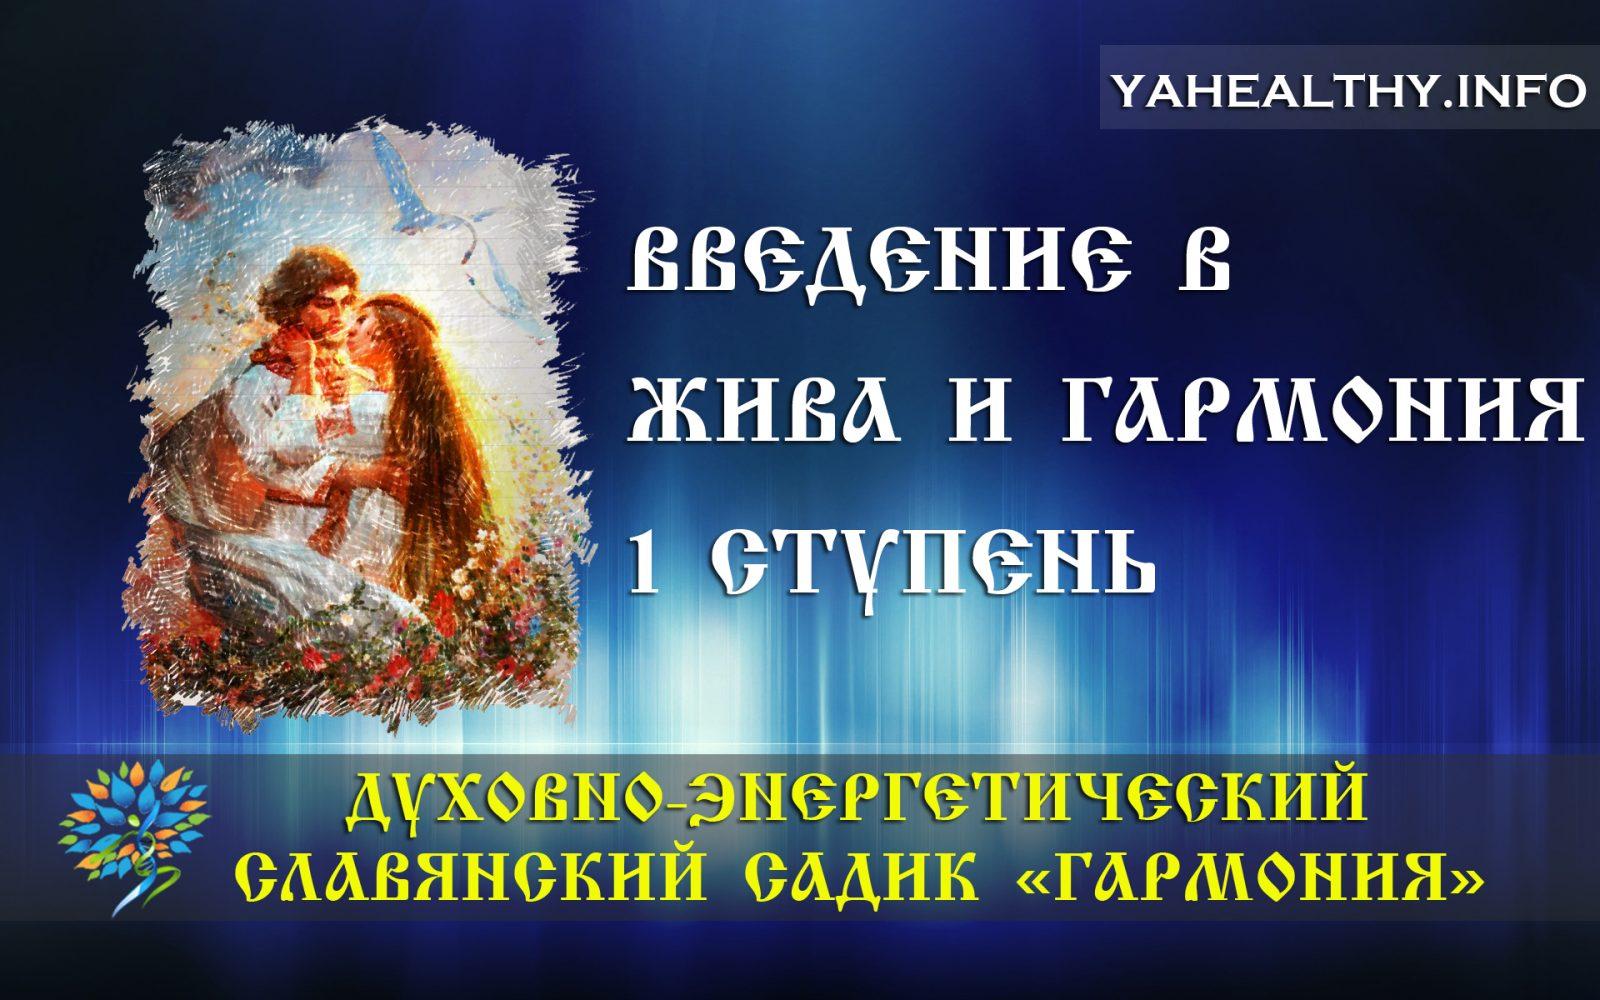 «Введение в Жива и Гармония - 1 ступень»